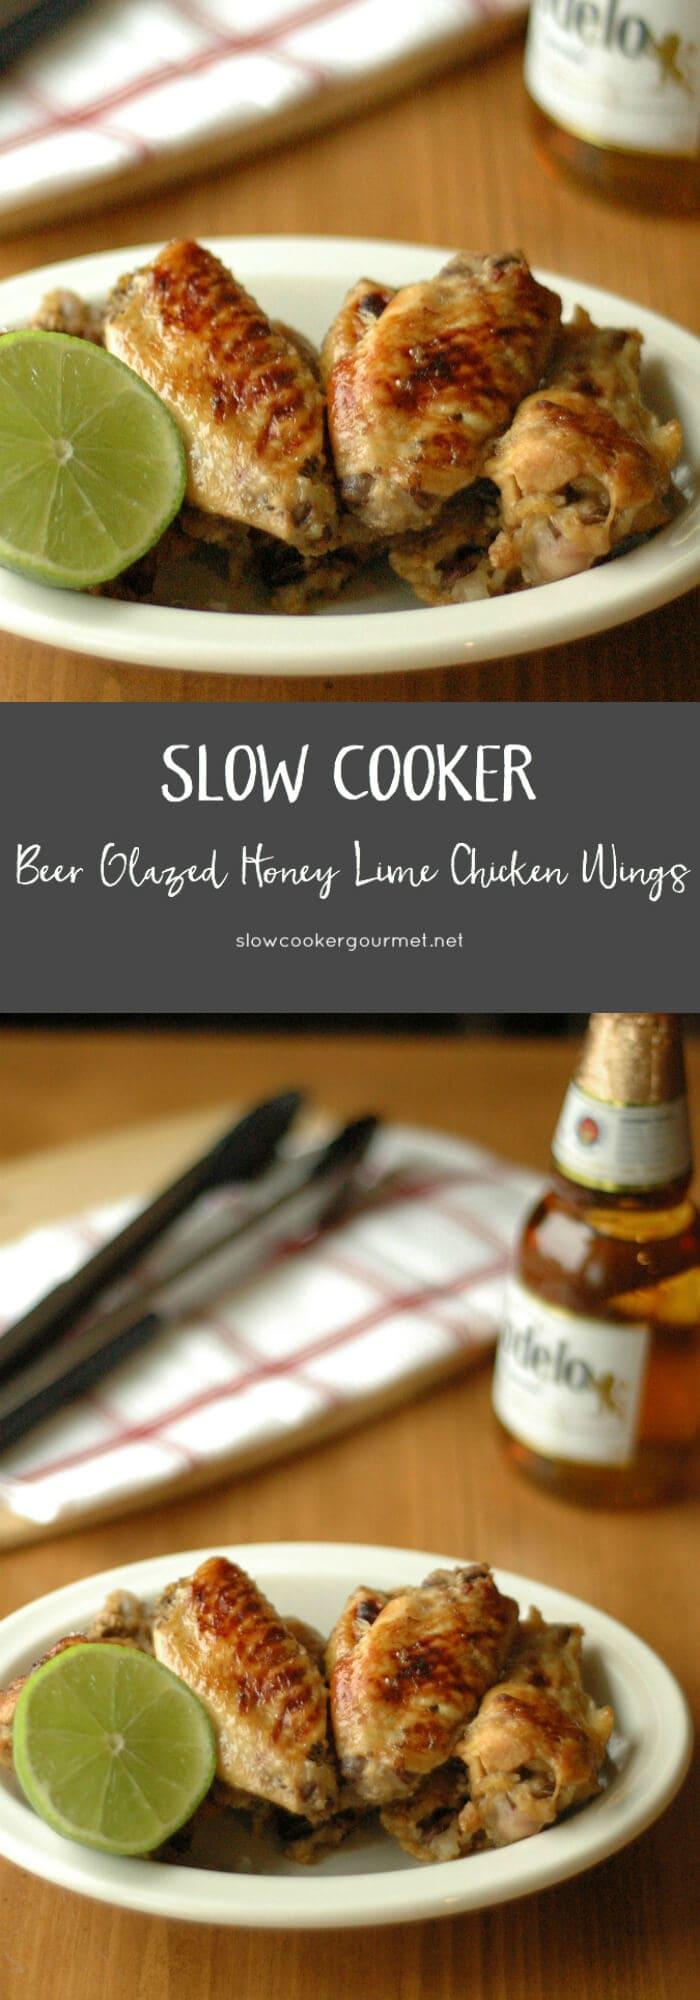 scg-beer-glazed-honey-lime-chicken-wings-longpin